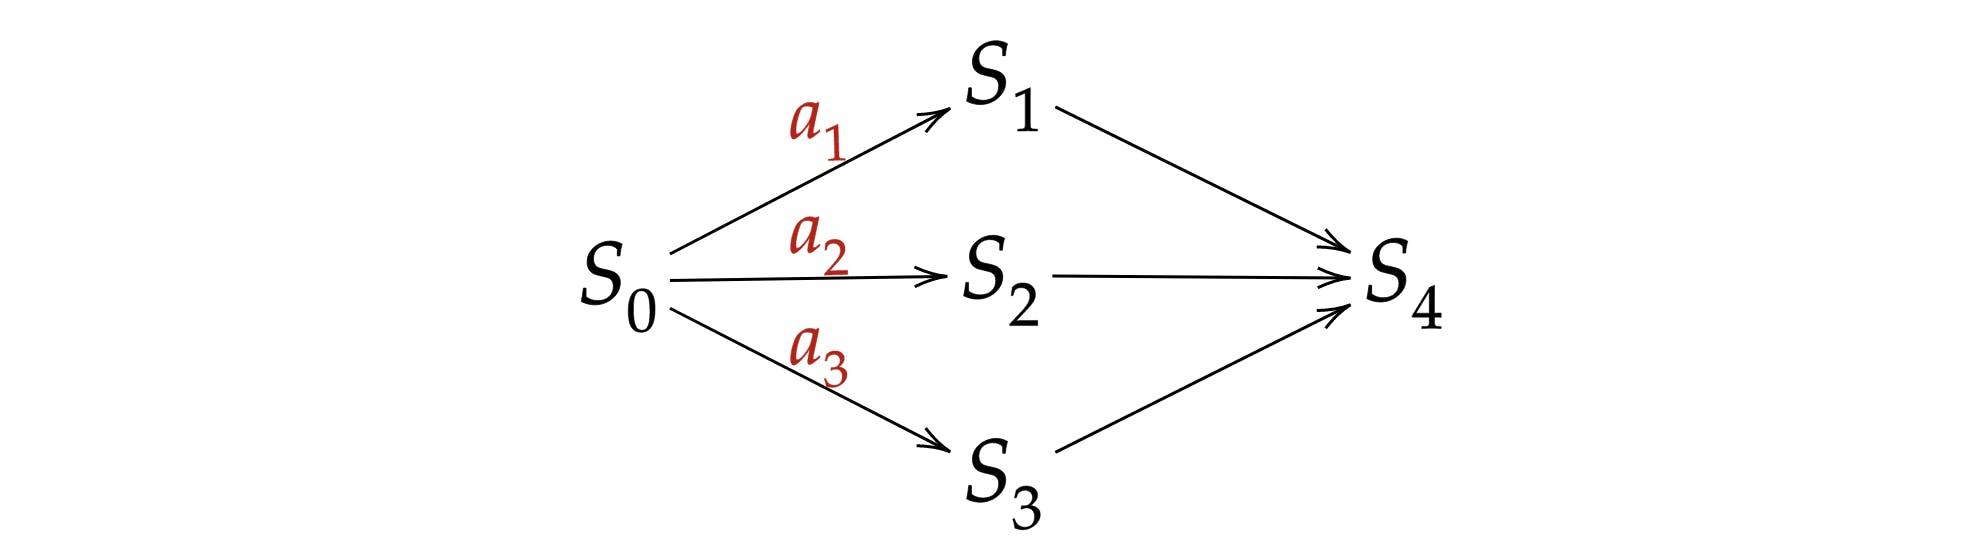 diagram-20190501 (1).png